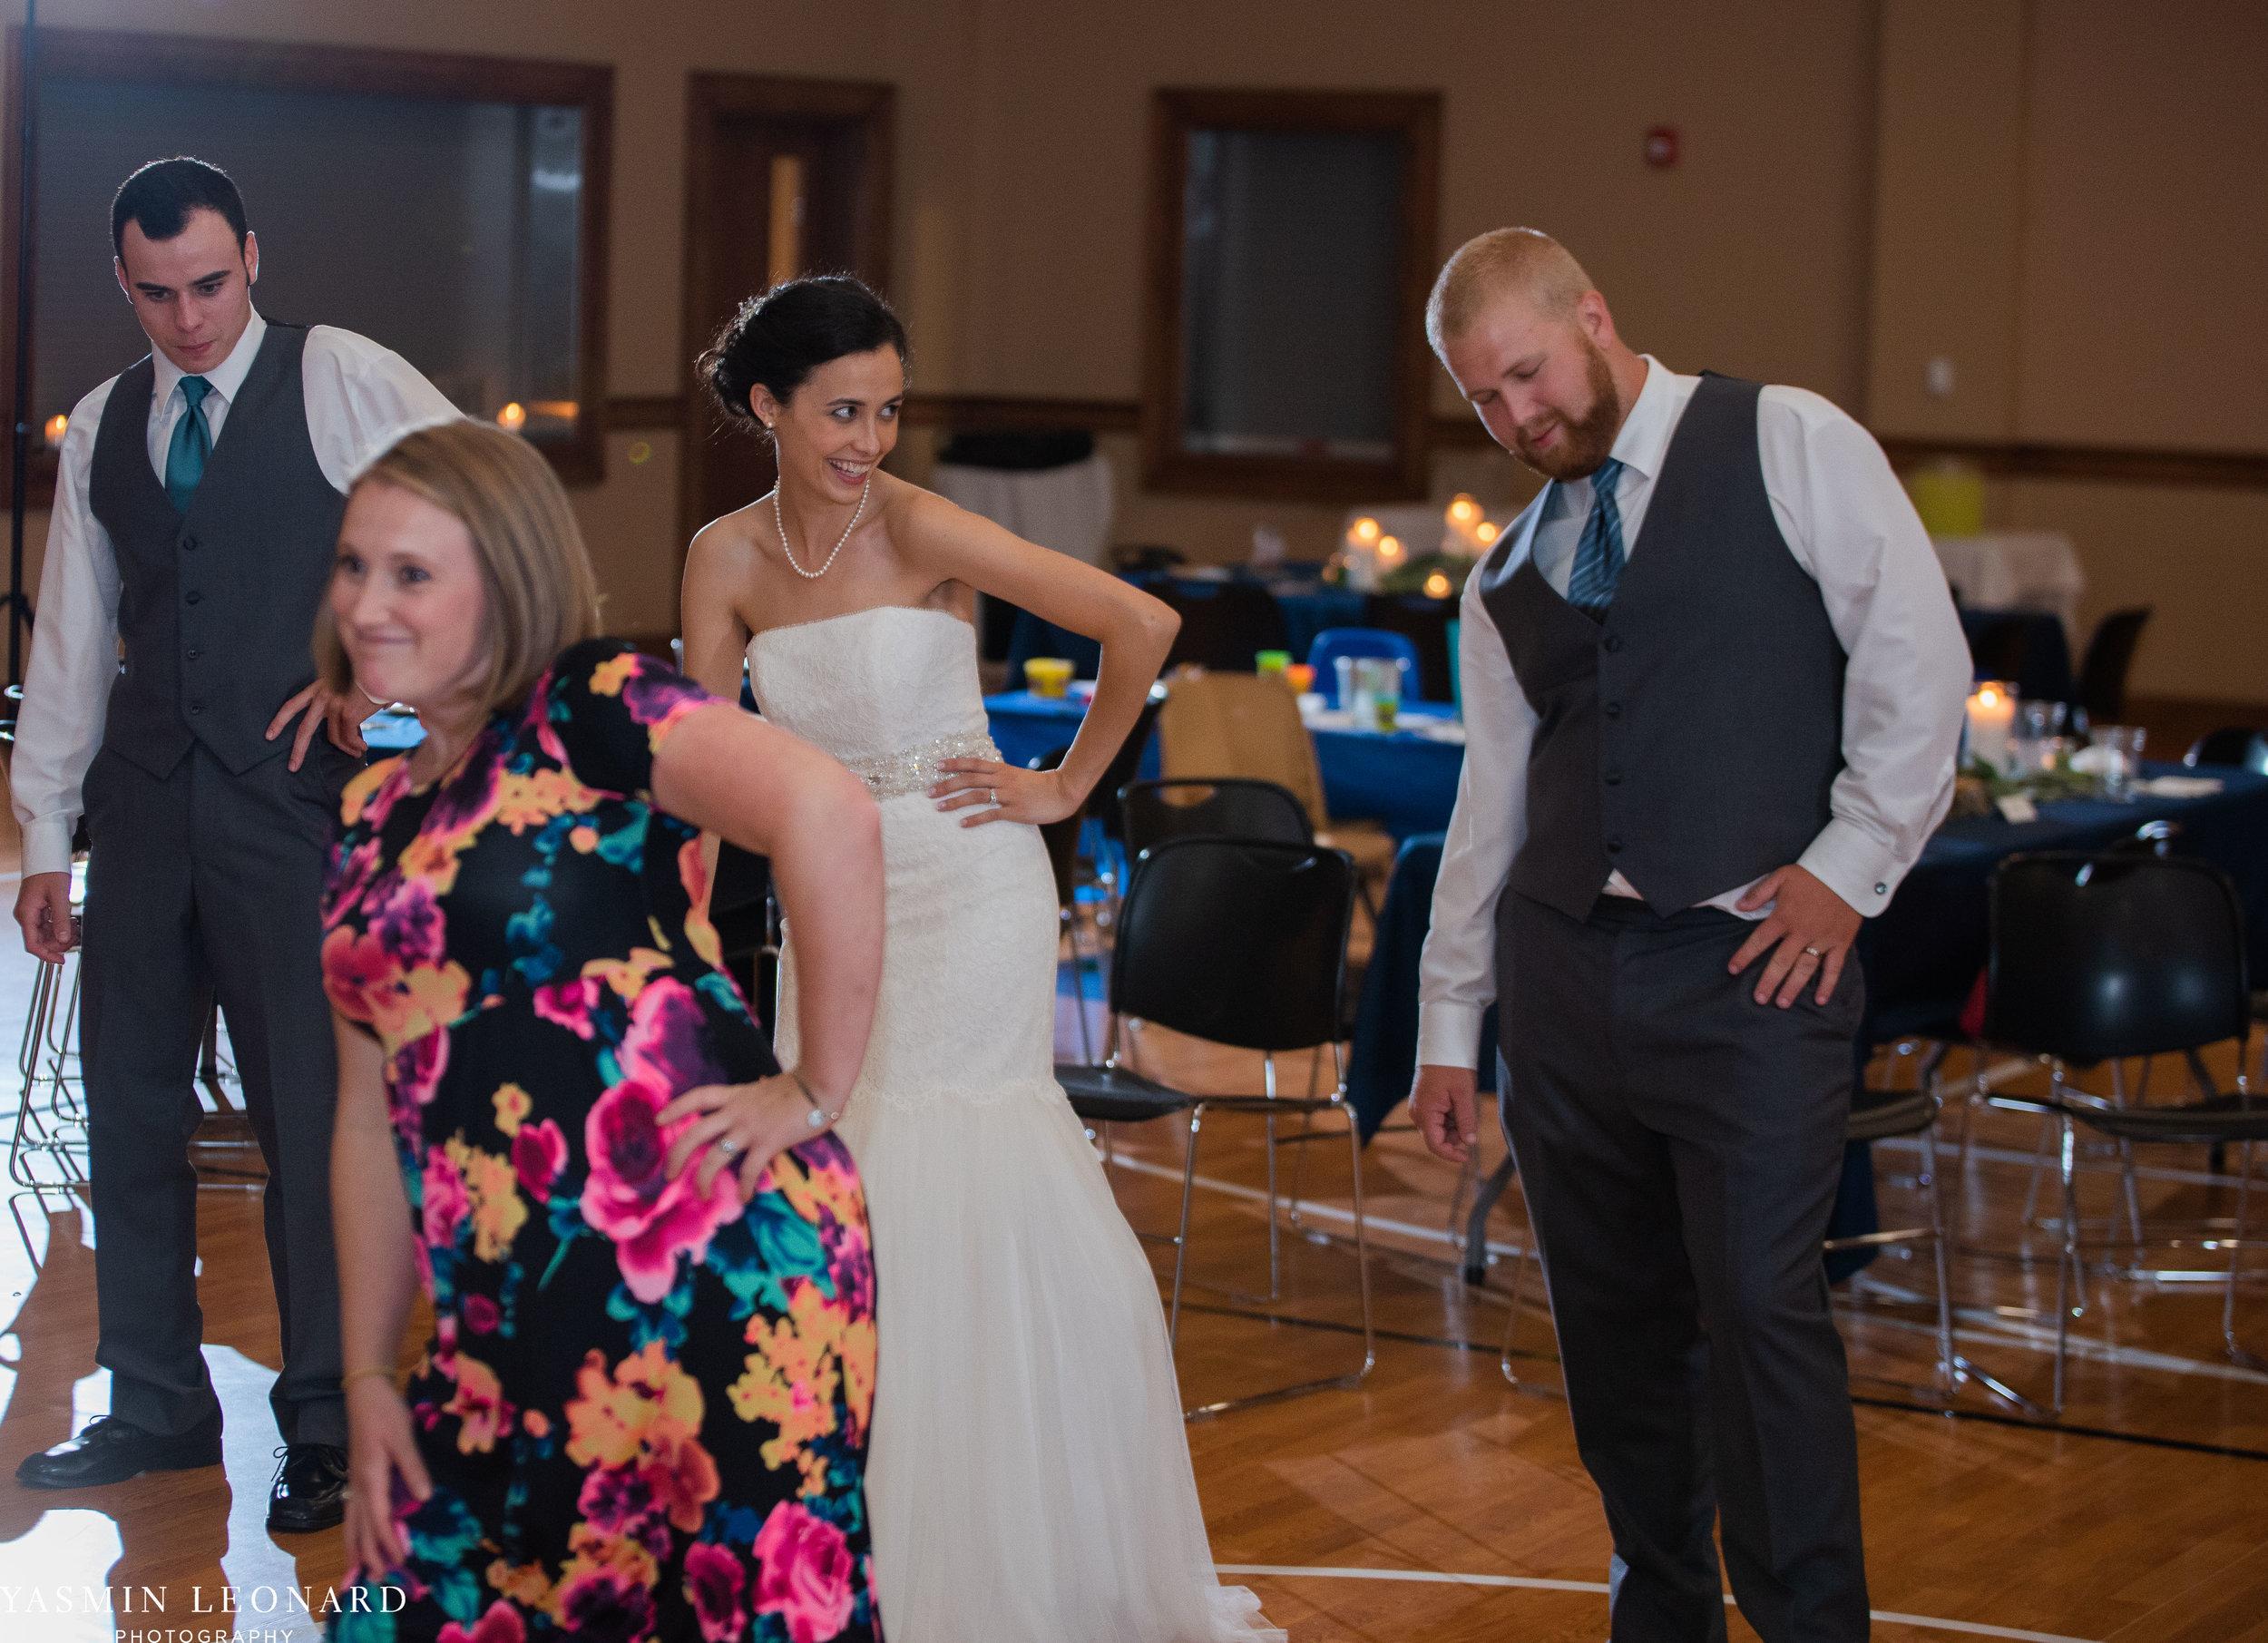 Mt. Pleasant Church - Church Wedding - Traditional Wedding - Church Ceremony - Country Wedding - Godly Wedding - NC Wedding Photographer - High Point Weddings - Triad Weddings - NC Venues-57.jpg